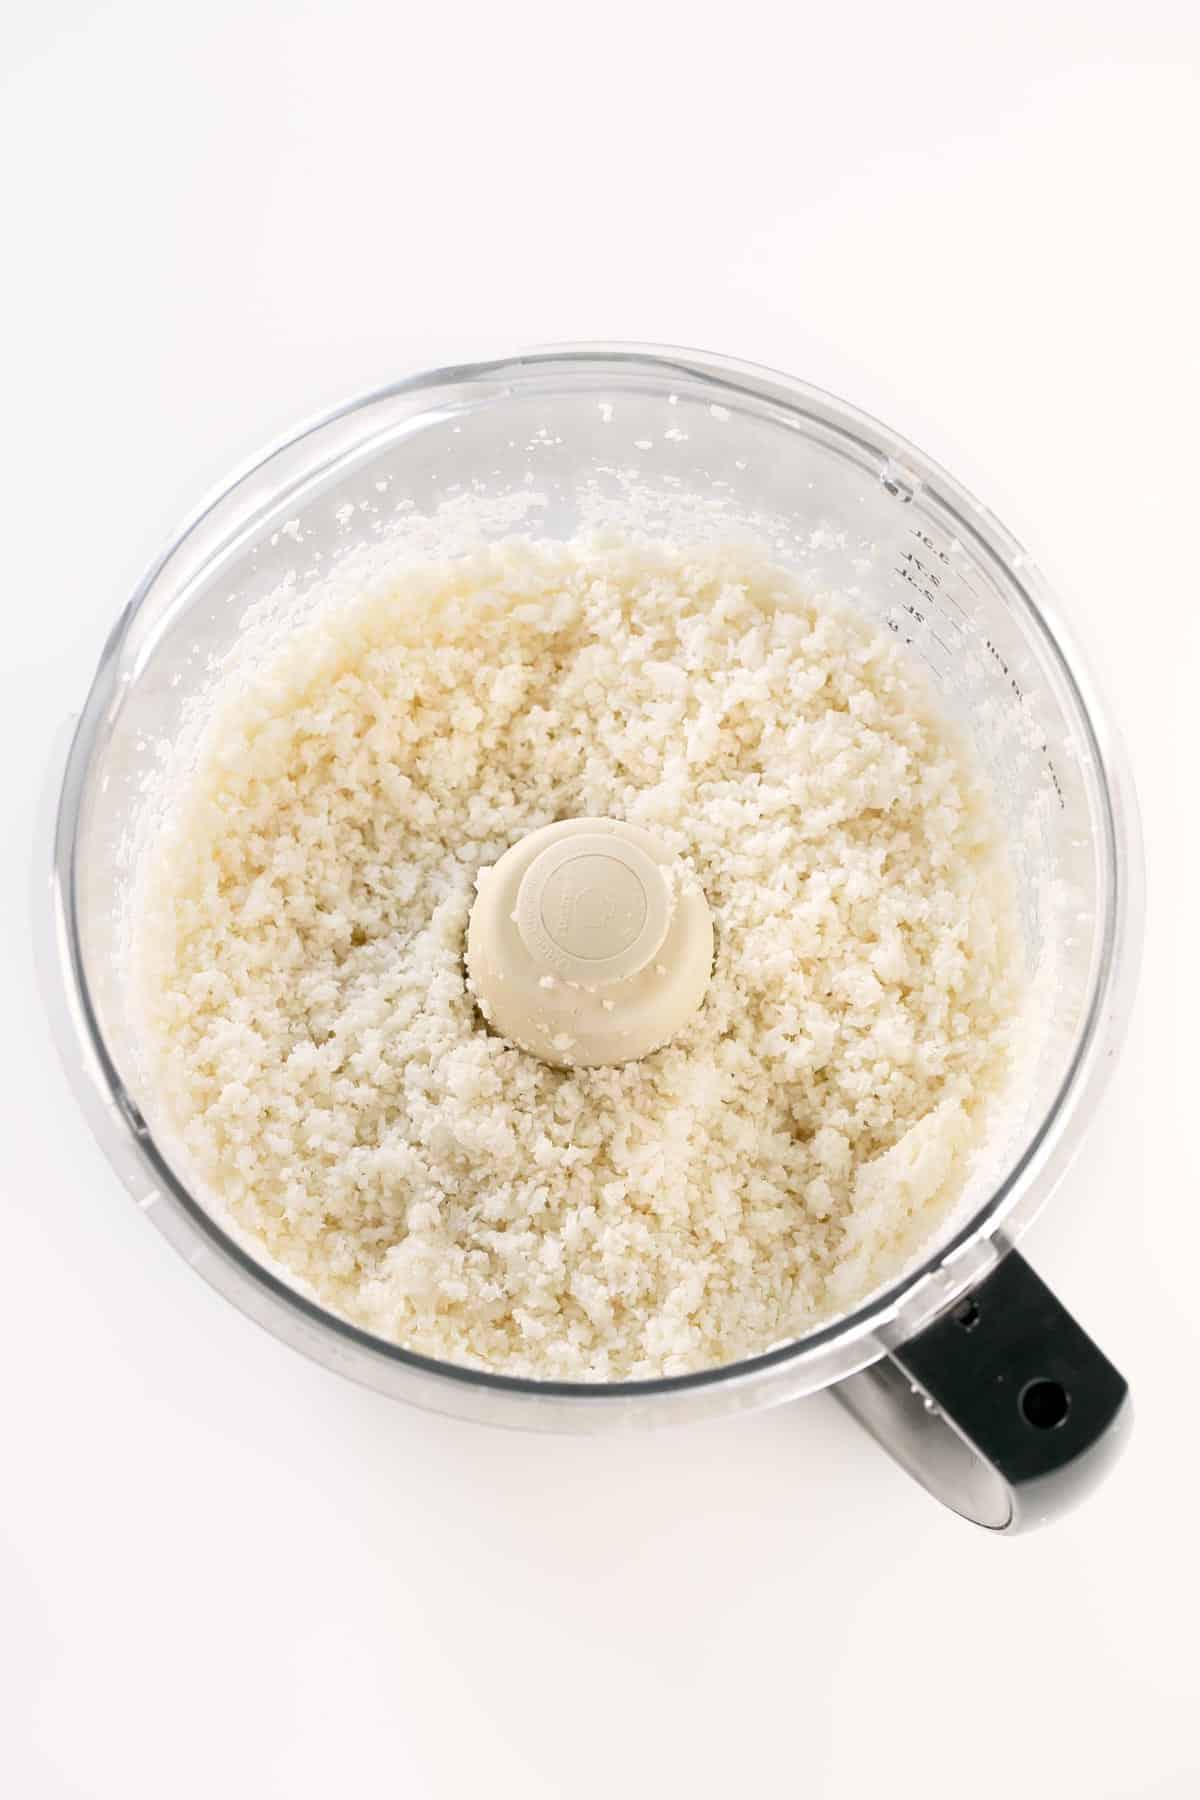 Cómo Hacer Arroz de Coliflor.- El arroz de coliflor es una alternativa muy rica al arroz tradicional y es más ligera. Es muy fácil de preparar y está para chuparse los dedos.